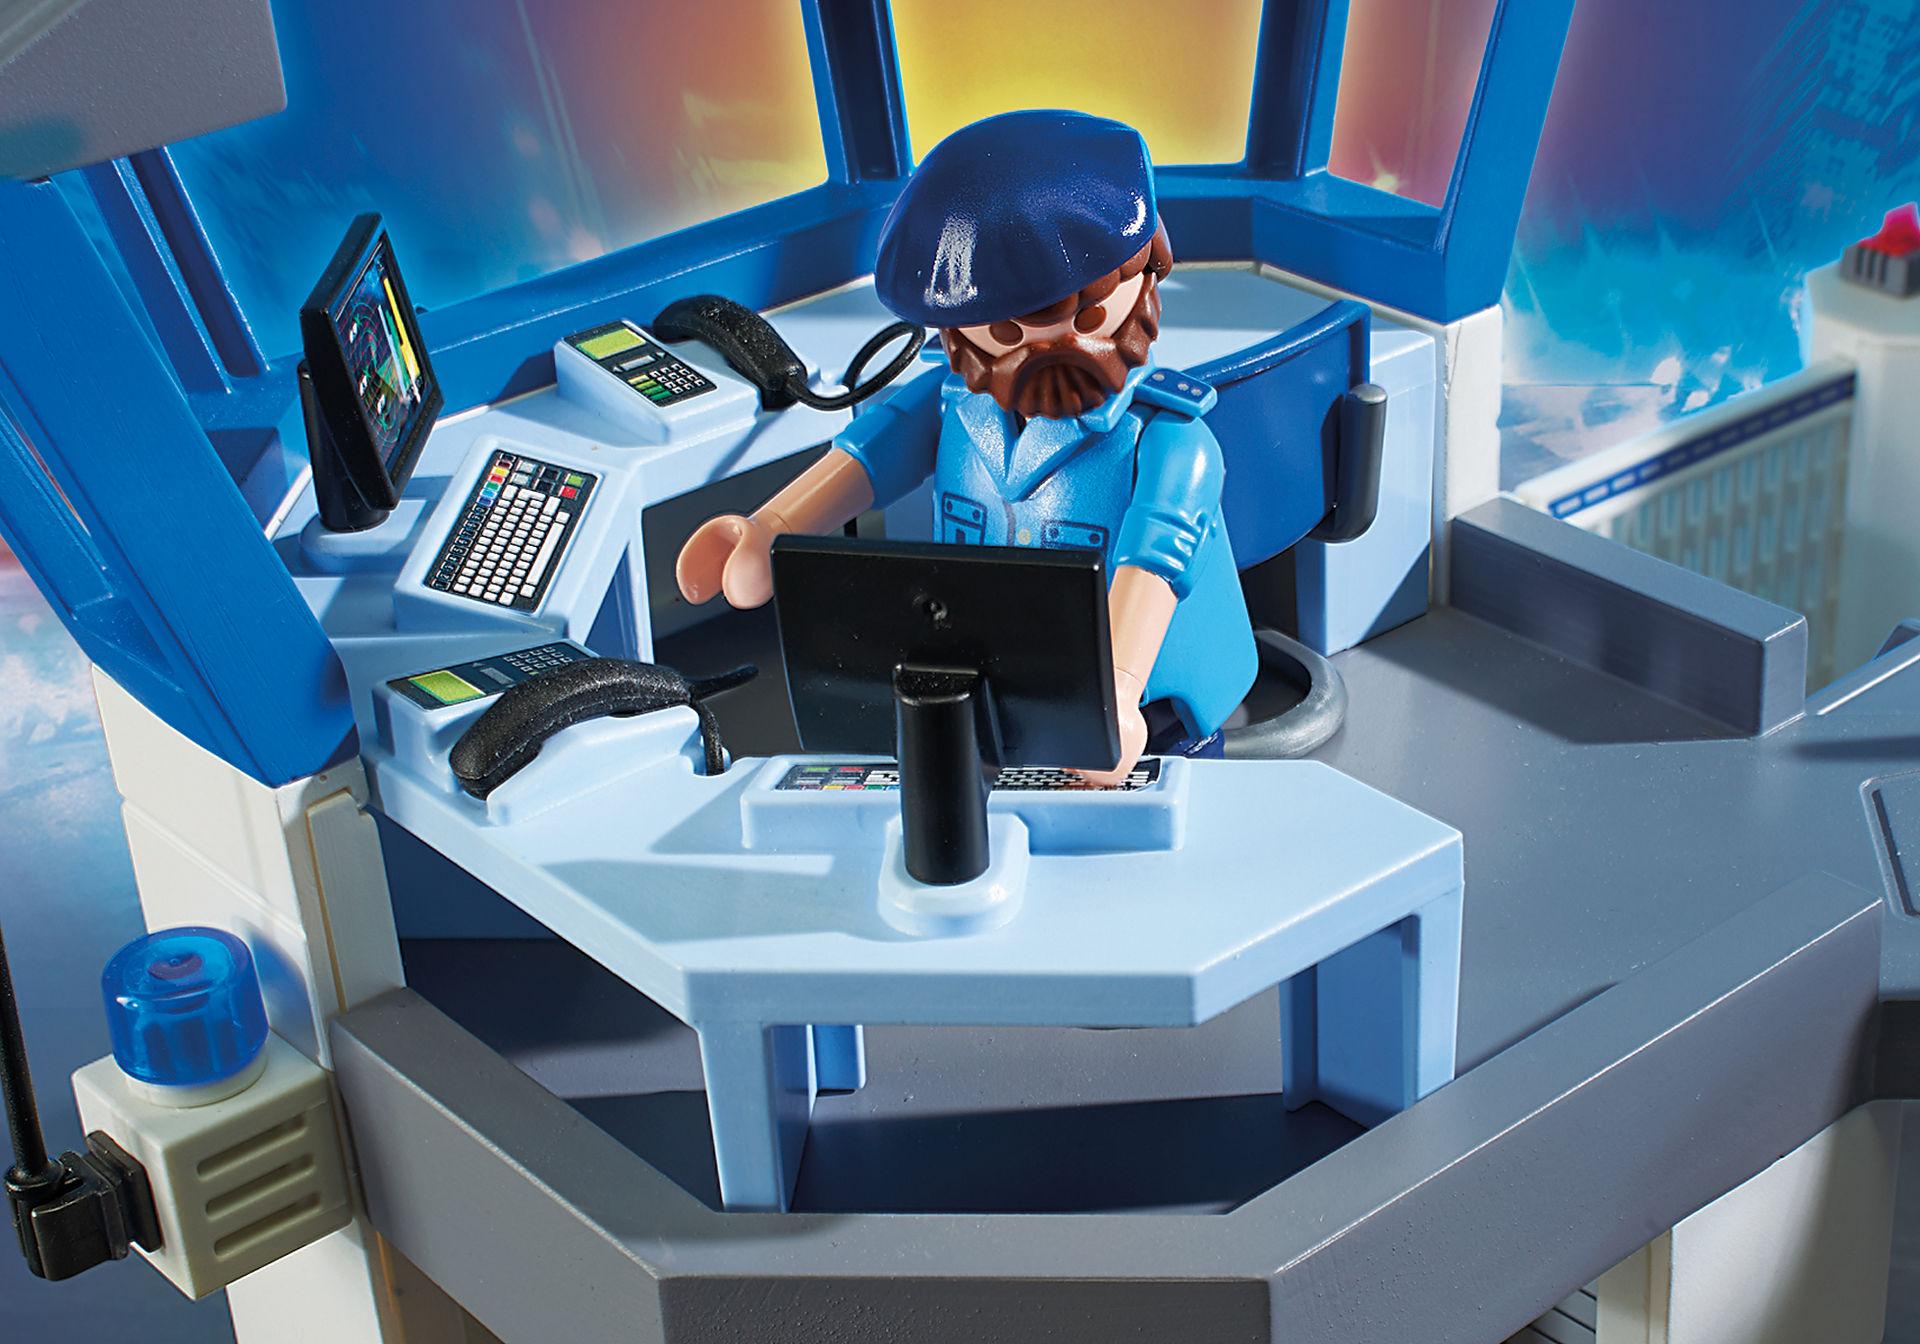 6872 Polizei-Kommandozentrale mit Gefängnis zoom image8